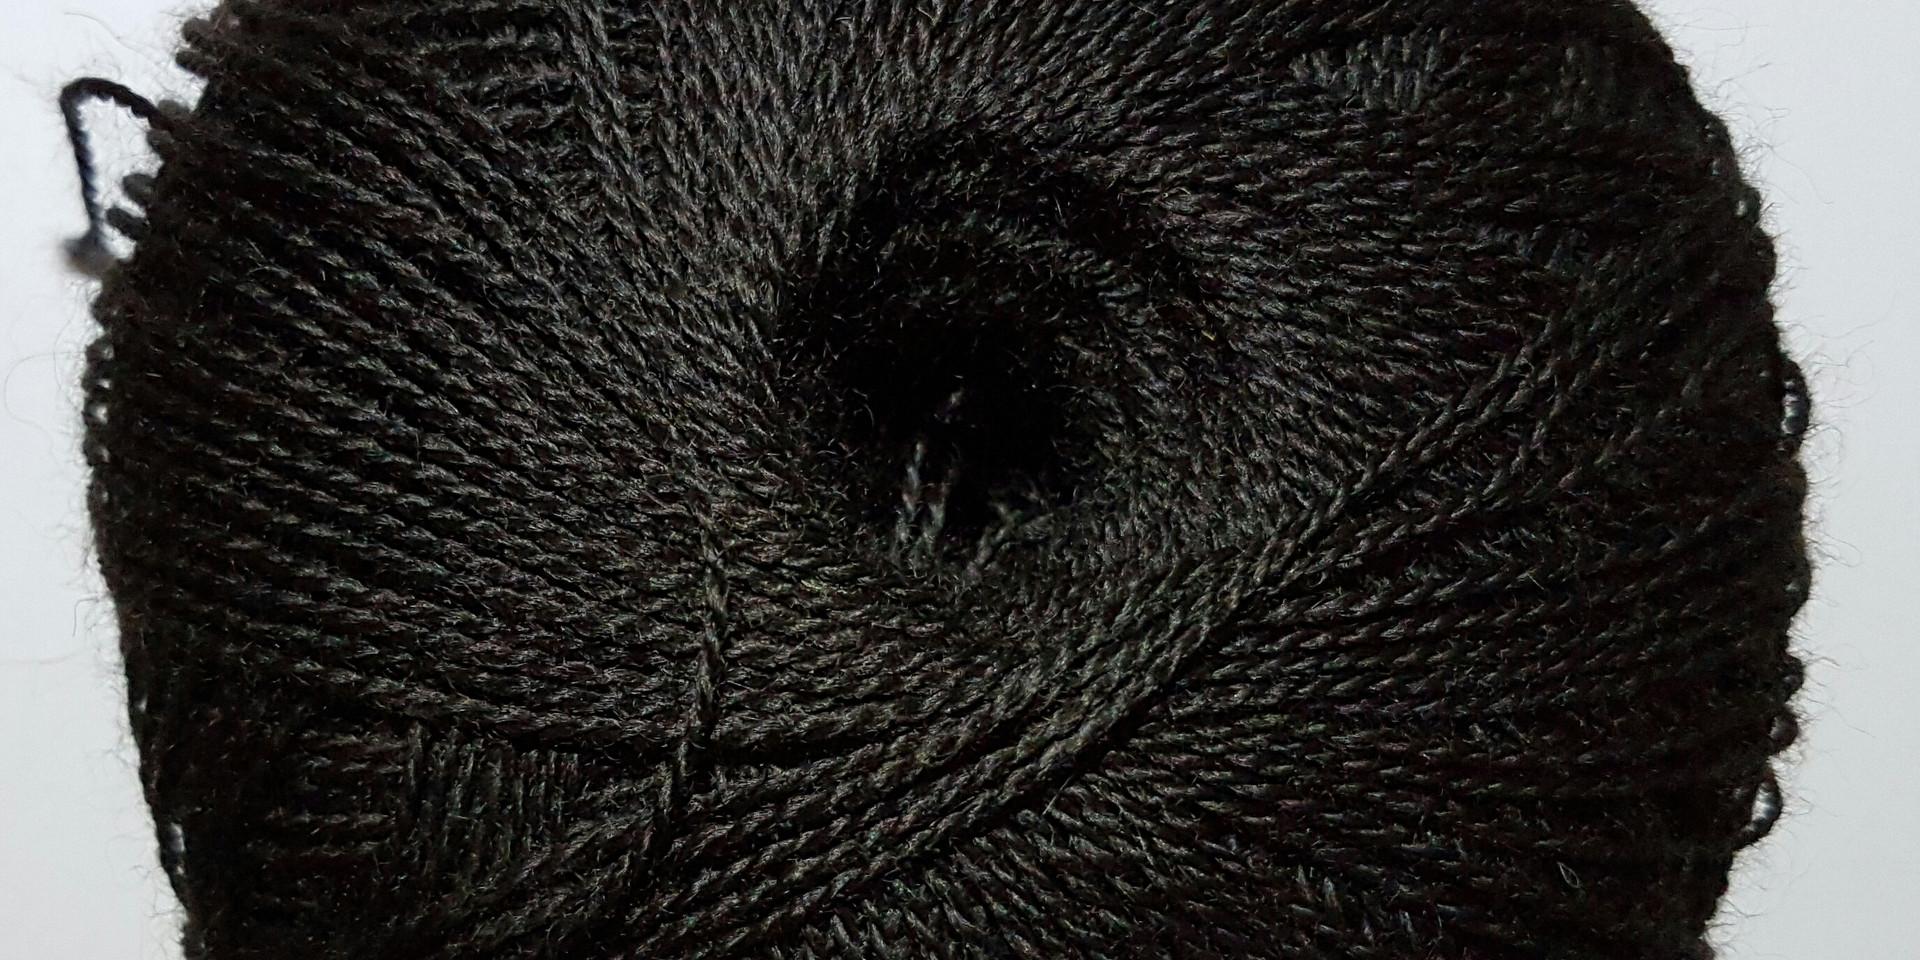 2018 - black yarn 004.jpg